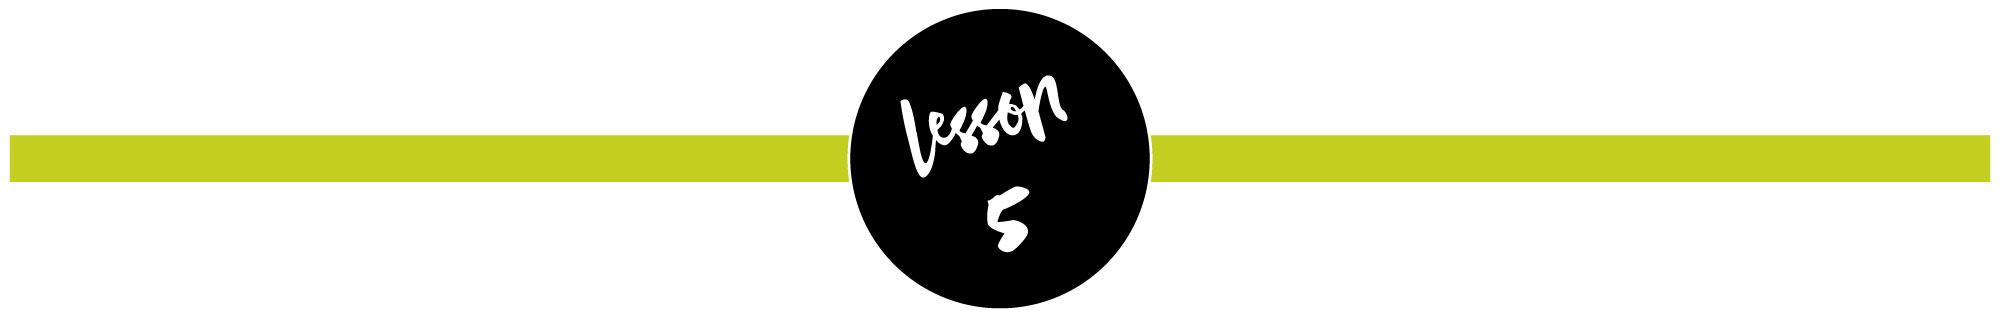 lesson-4-divider.jpg